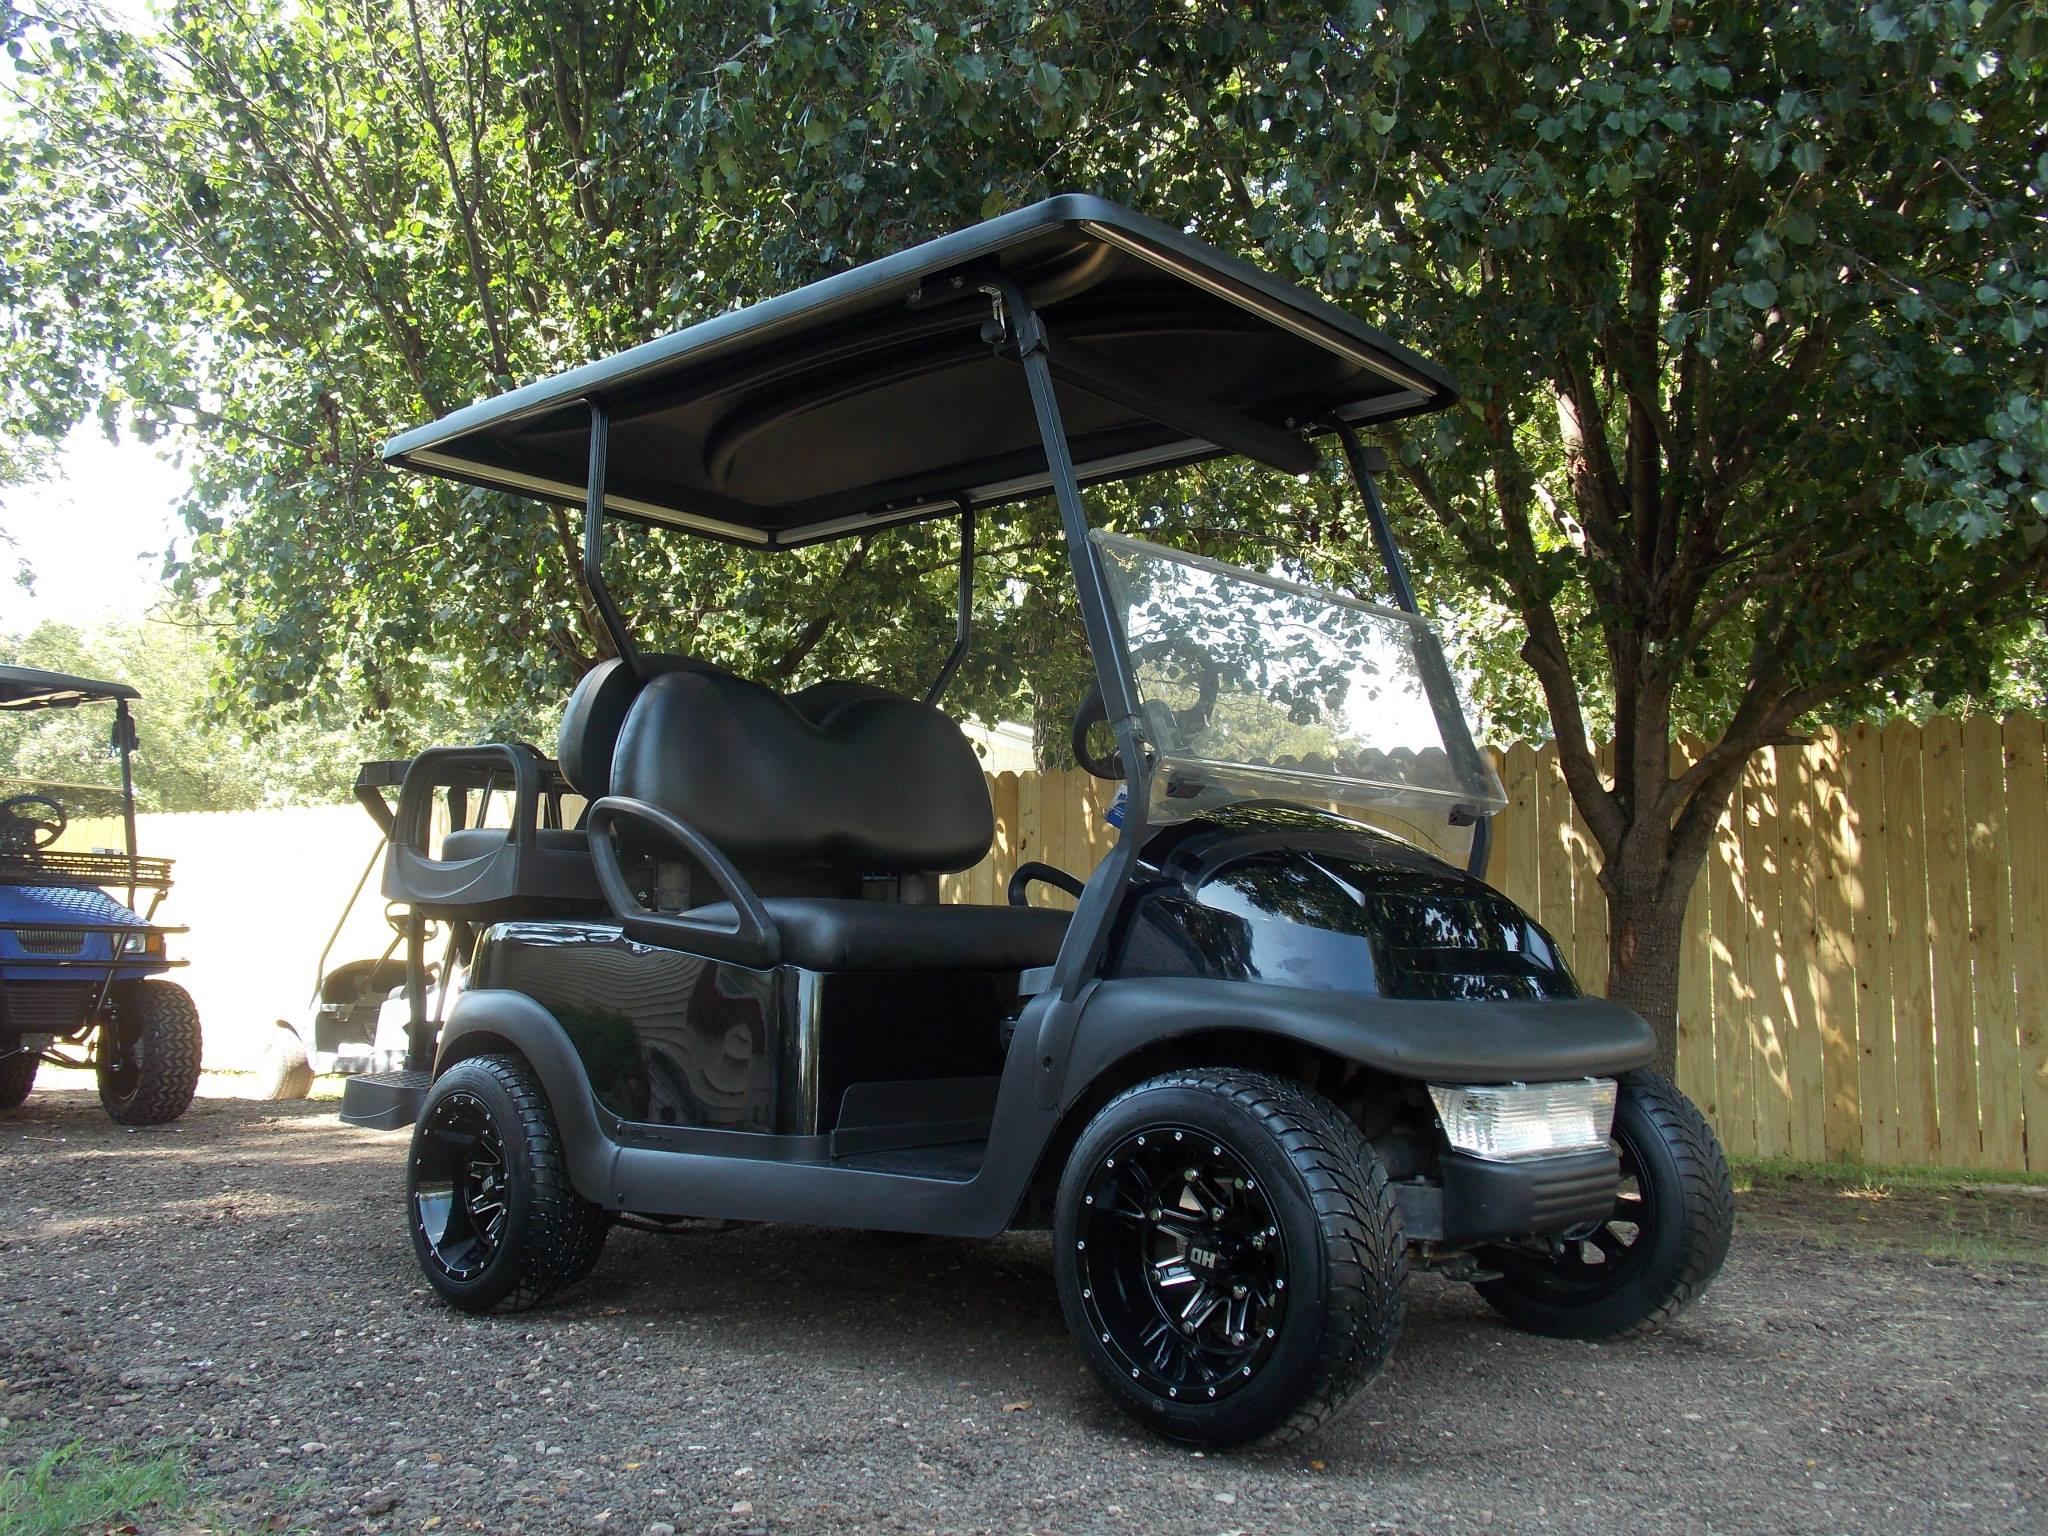 Club Car Golf Carts: Fat Boy Edition Club Car